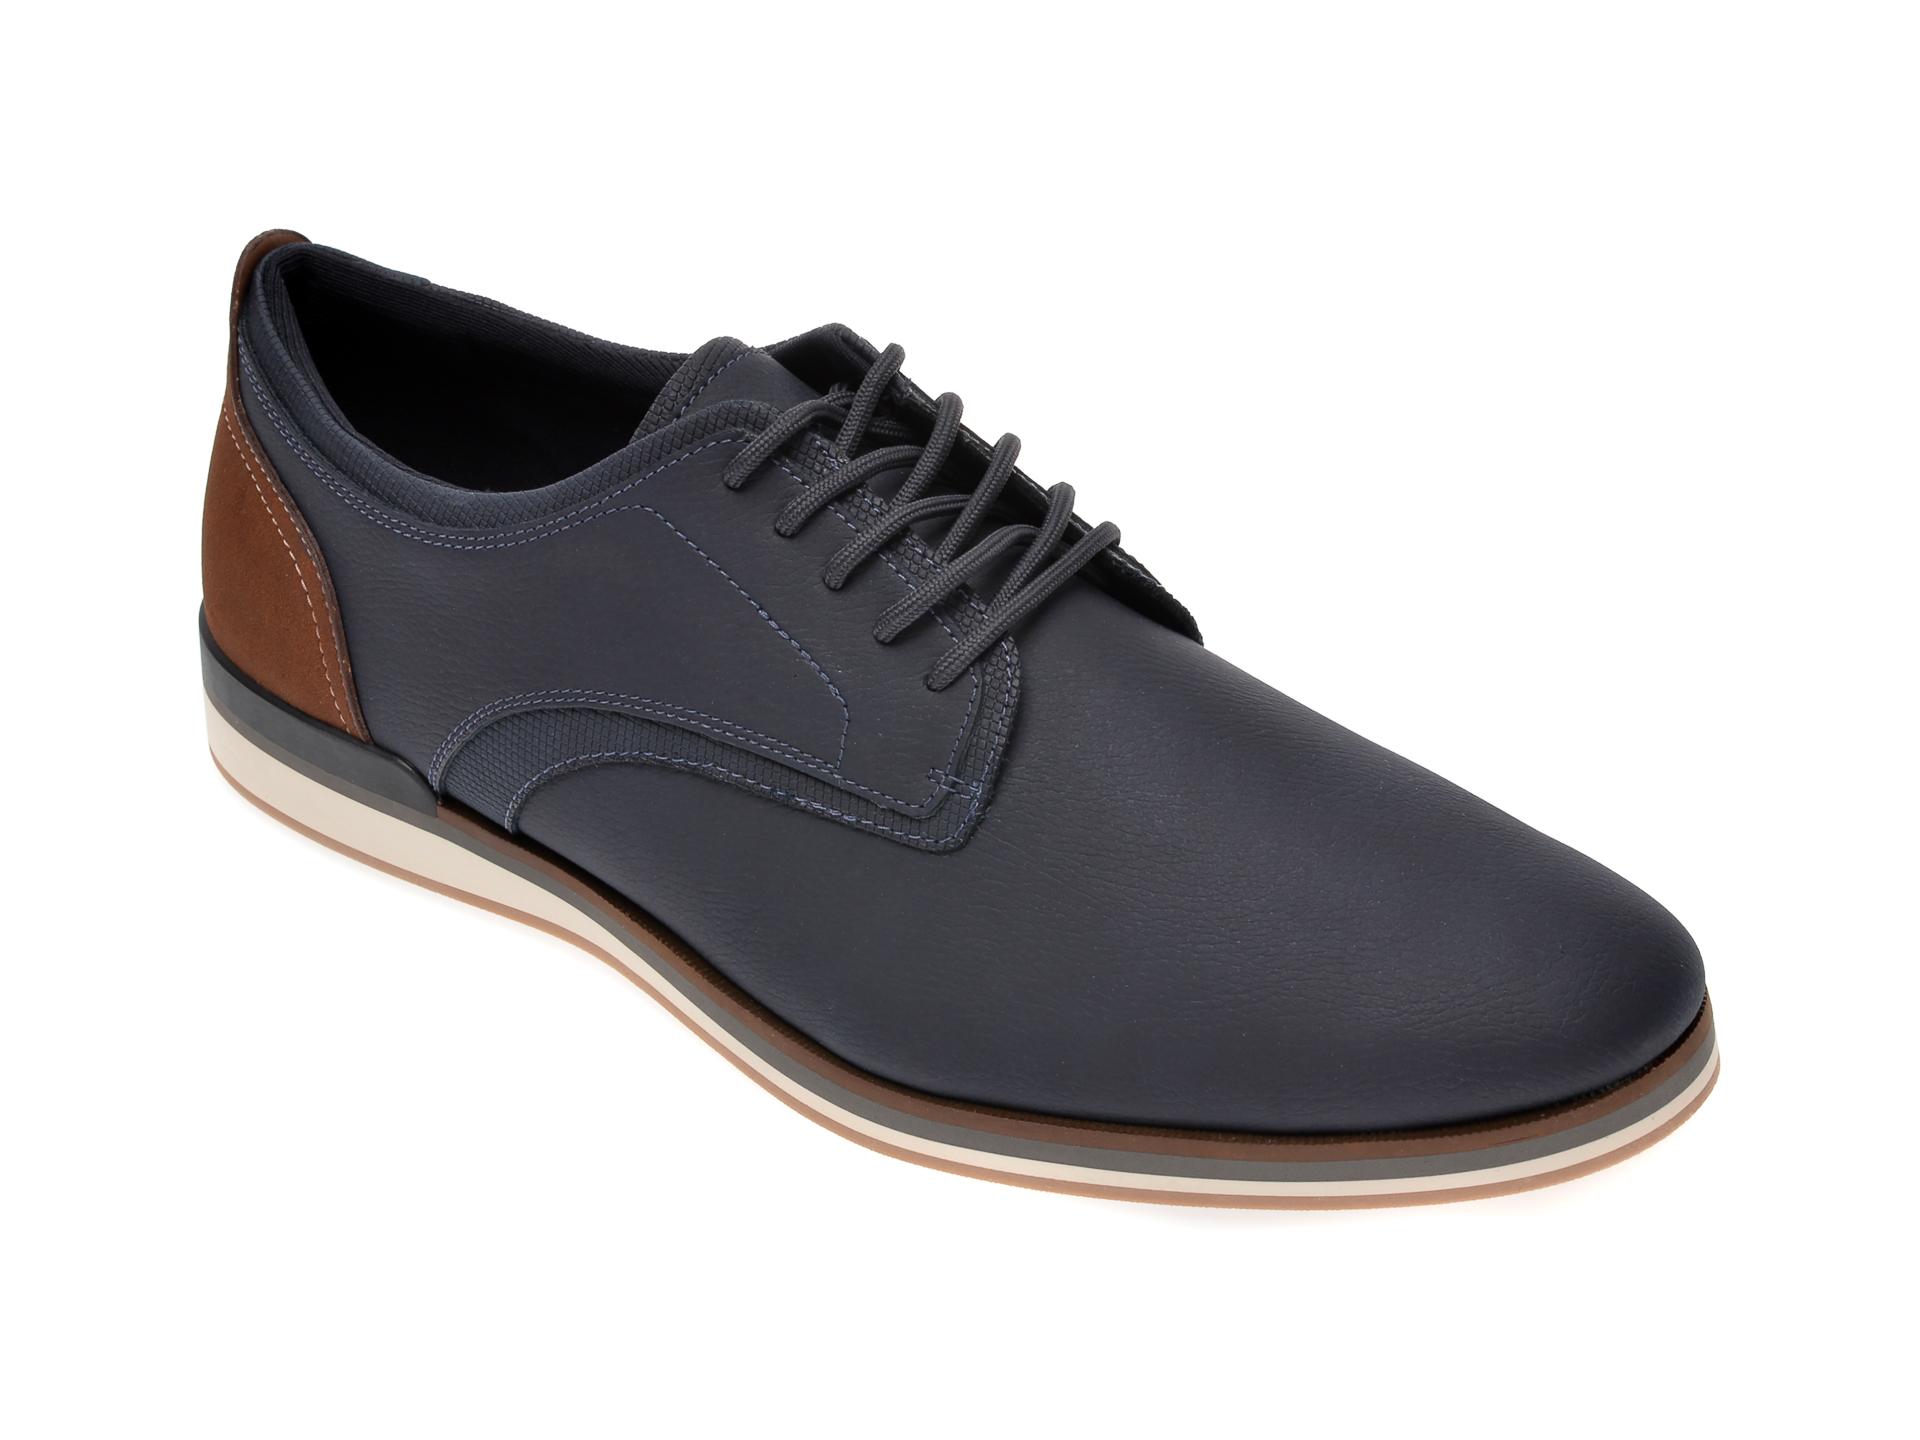 Pantofi ALDO bleumarin, Eowoalian410, din piele ecologica